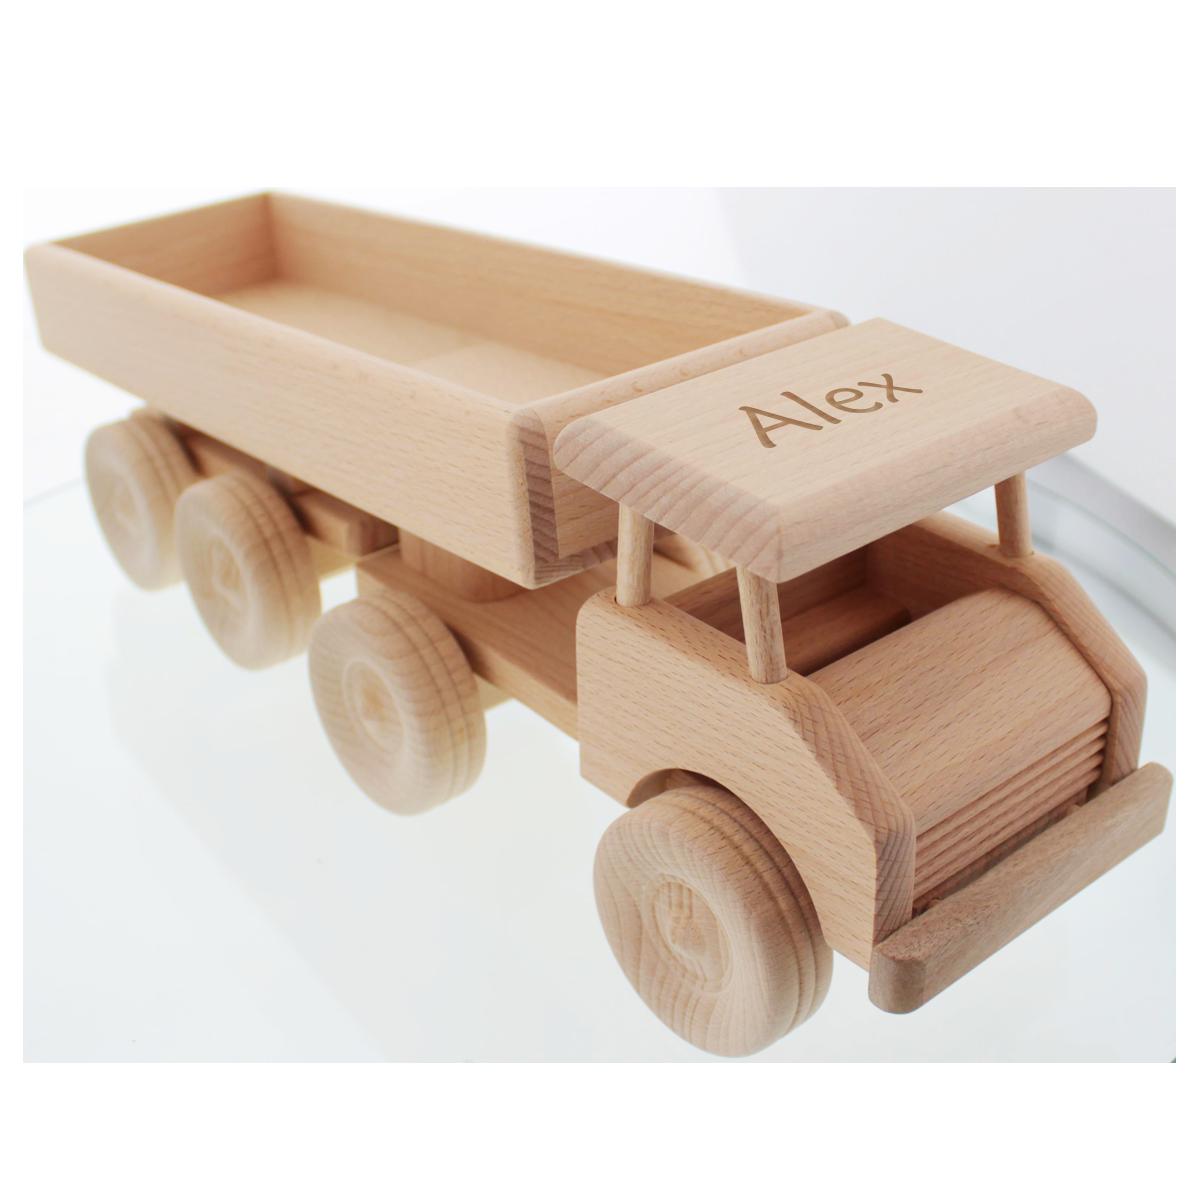 véhicules en bois, Camion en bois avec gravure, cadeaux, anniversaire